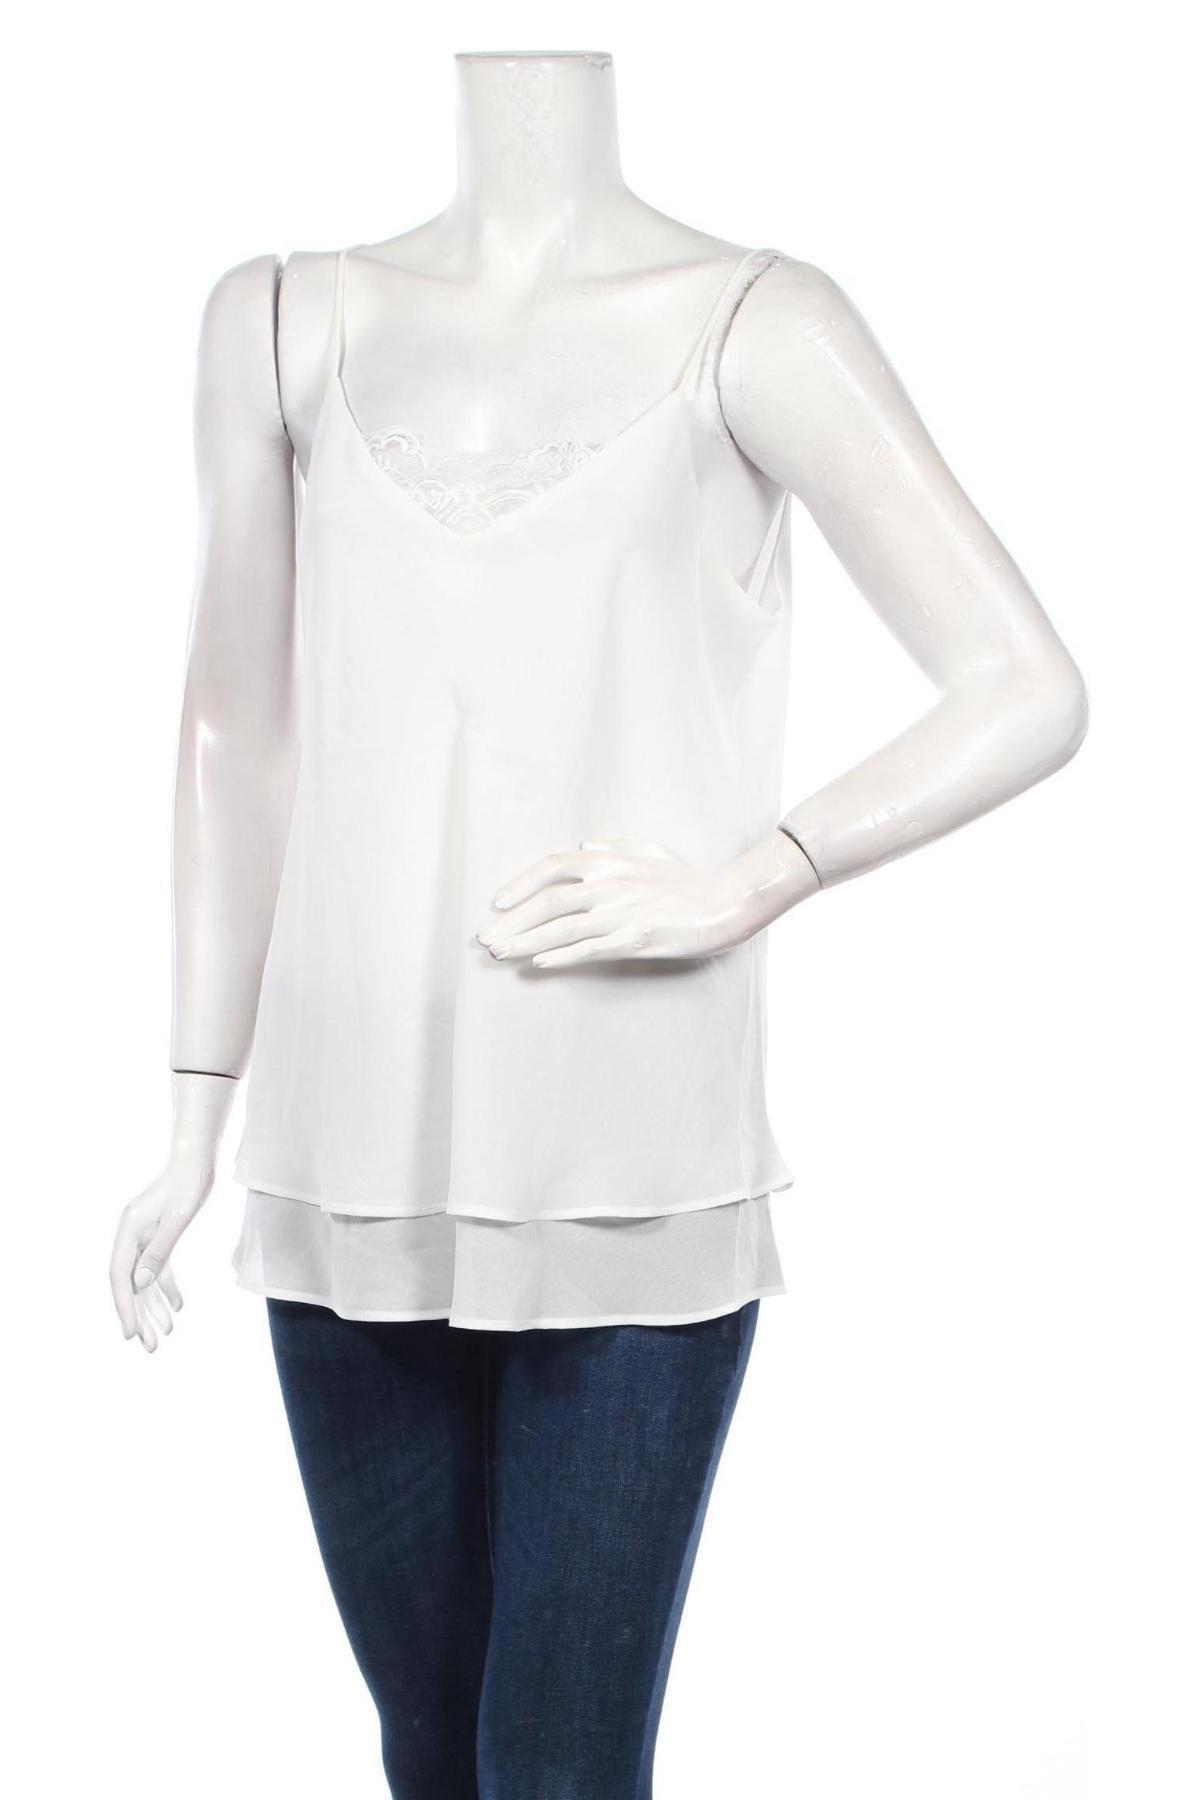 Γυναικείο αμάνικο μπλουζάκι Pieces, Μέγεθος XS, Χρώμα Λευκό, Πολυεστέρας, Τιμή 3,91€